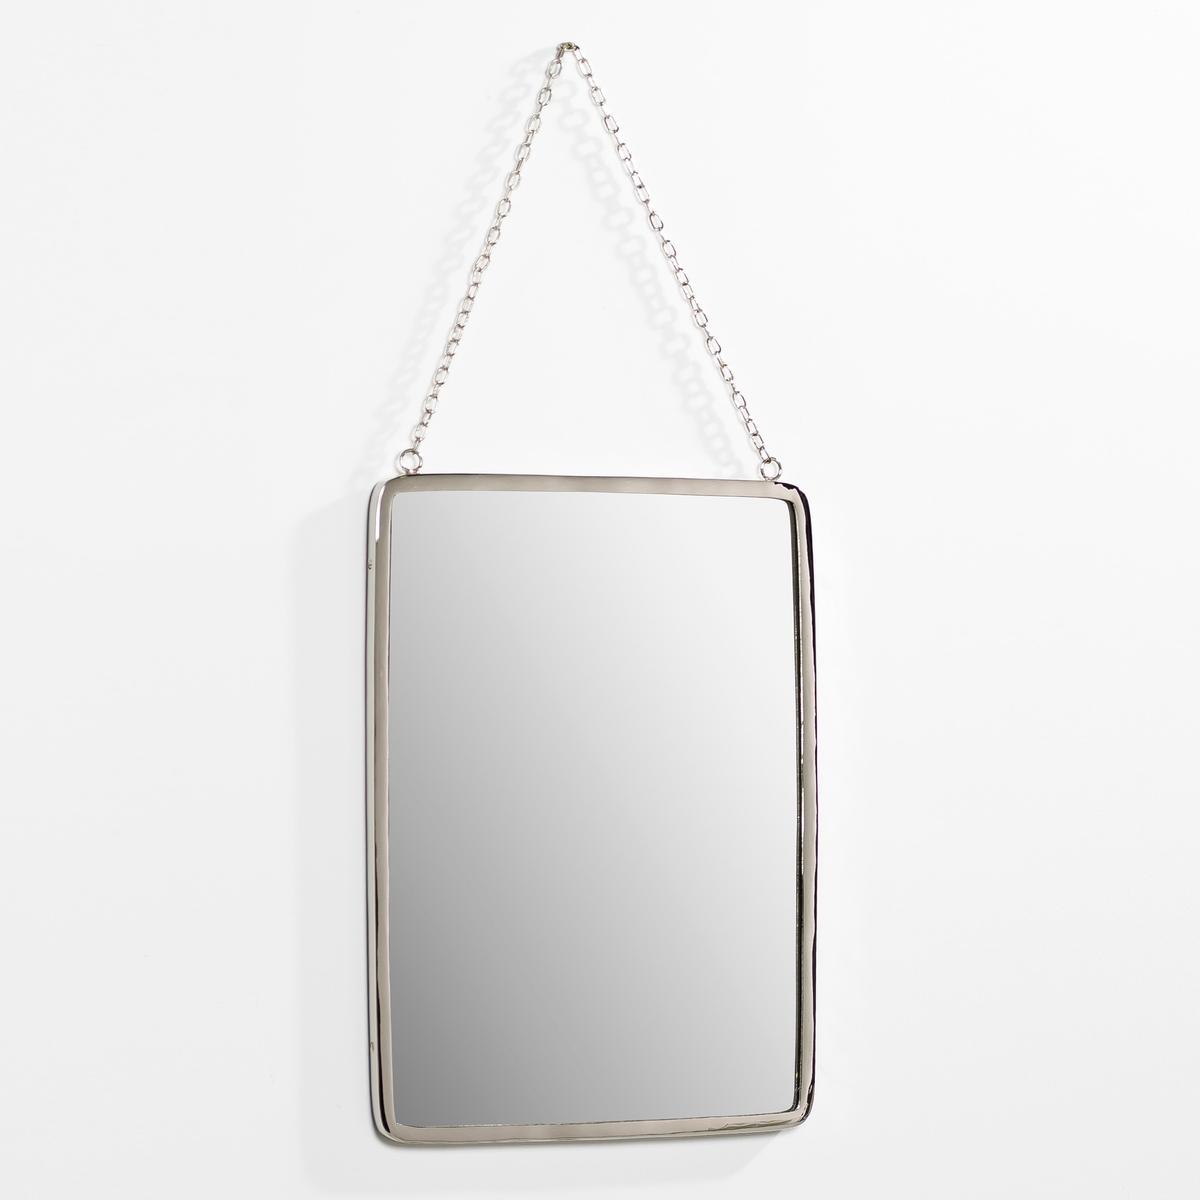 Зеркало прямоугольное. большой размер Д37 x В52 см, Barbier<br><br>Цвет: безцветный